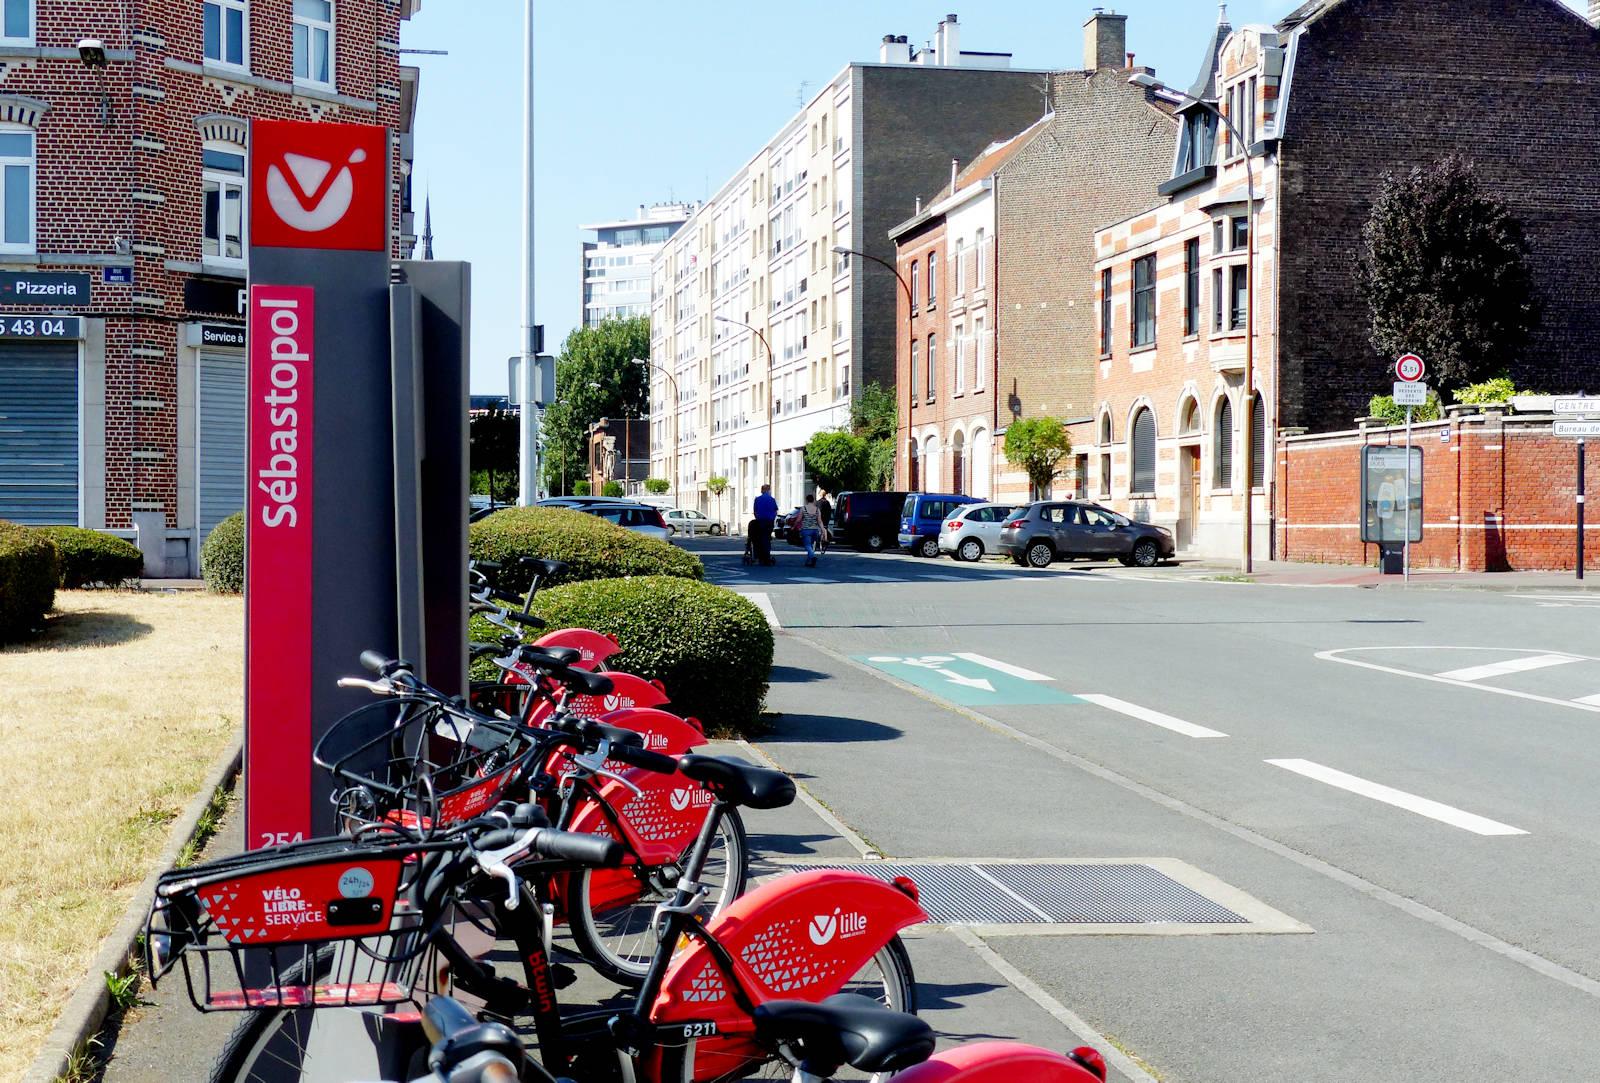 """Tourcoing V'Lille - Rue Carnot, station """"Sébastopol"""""""